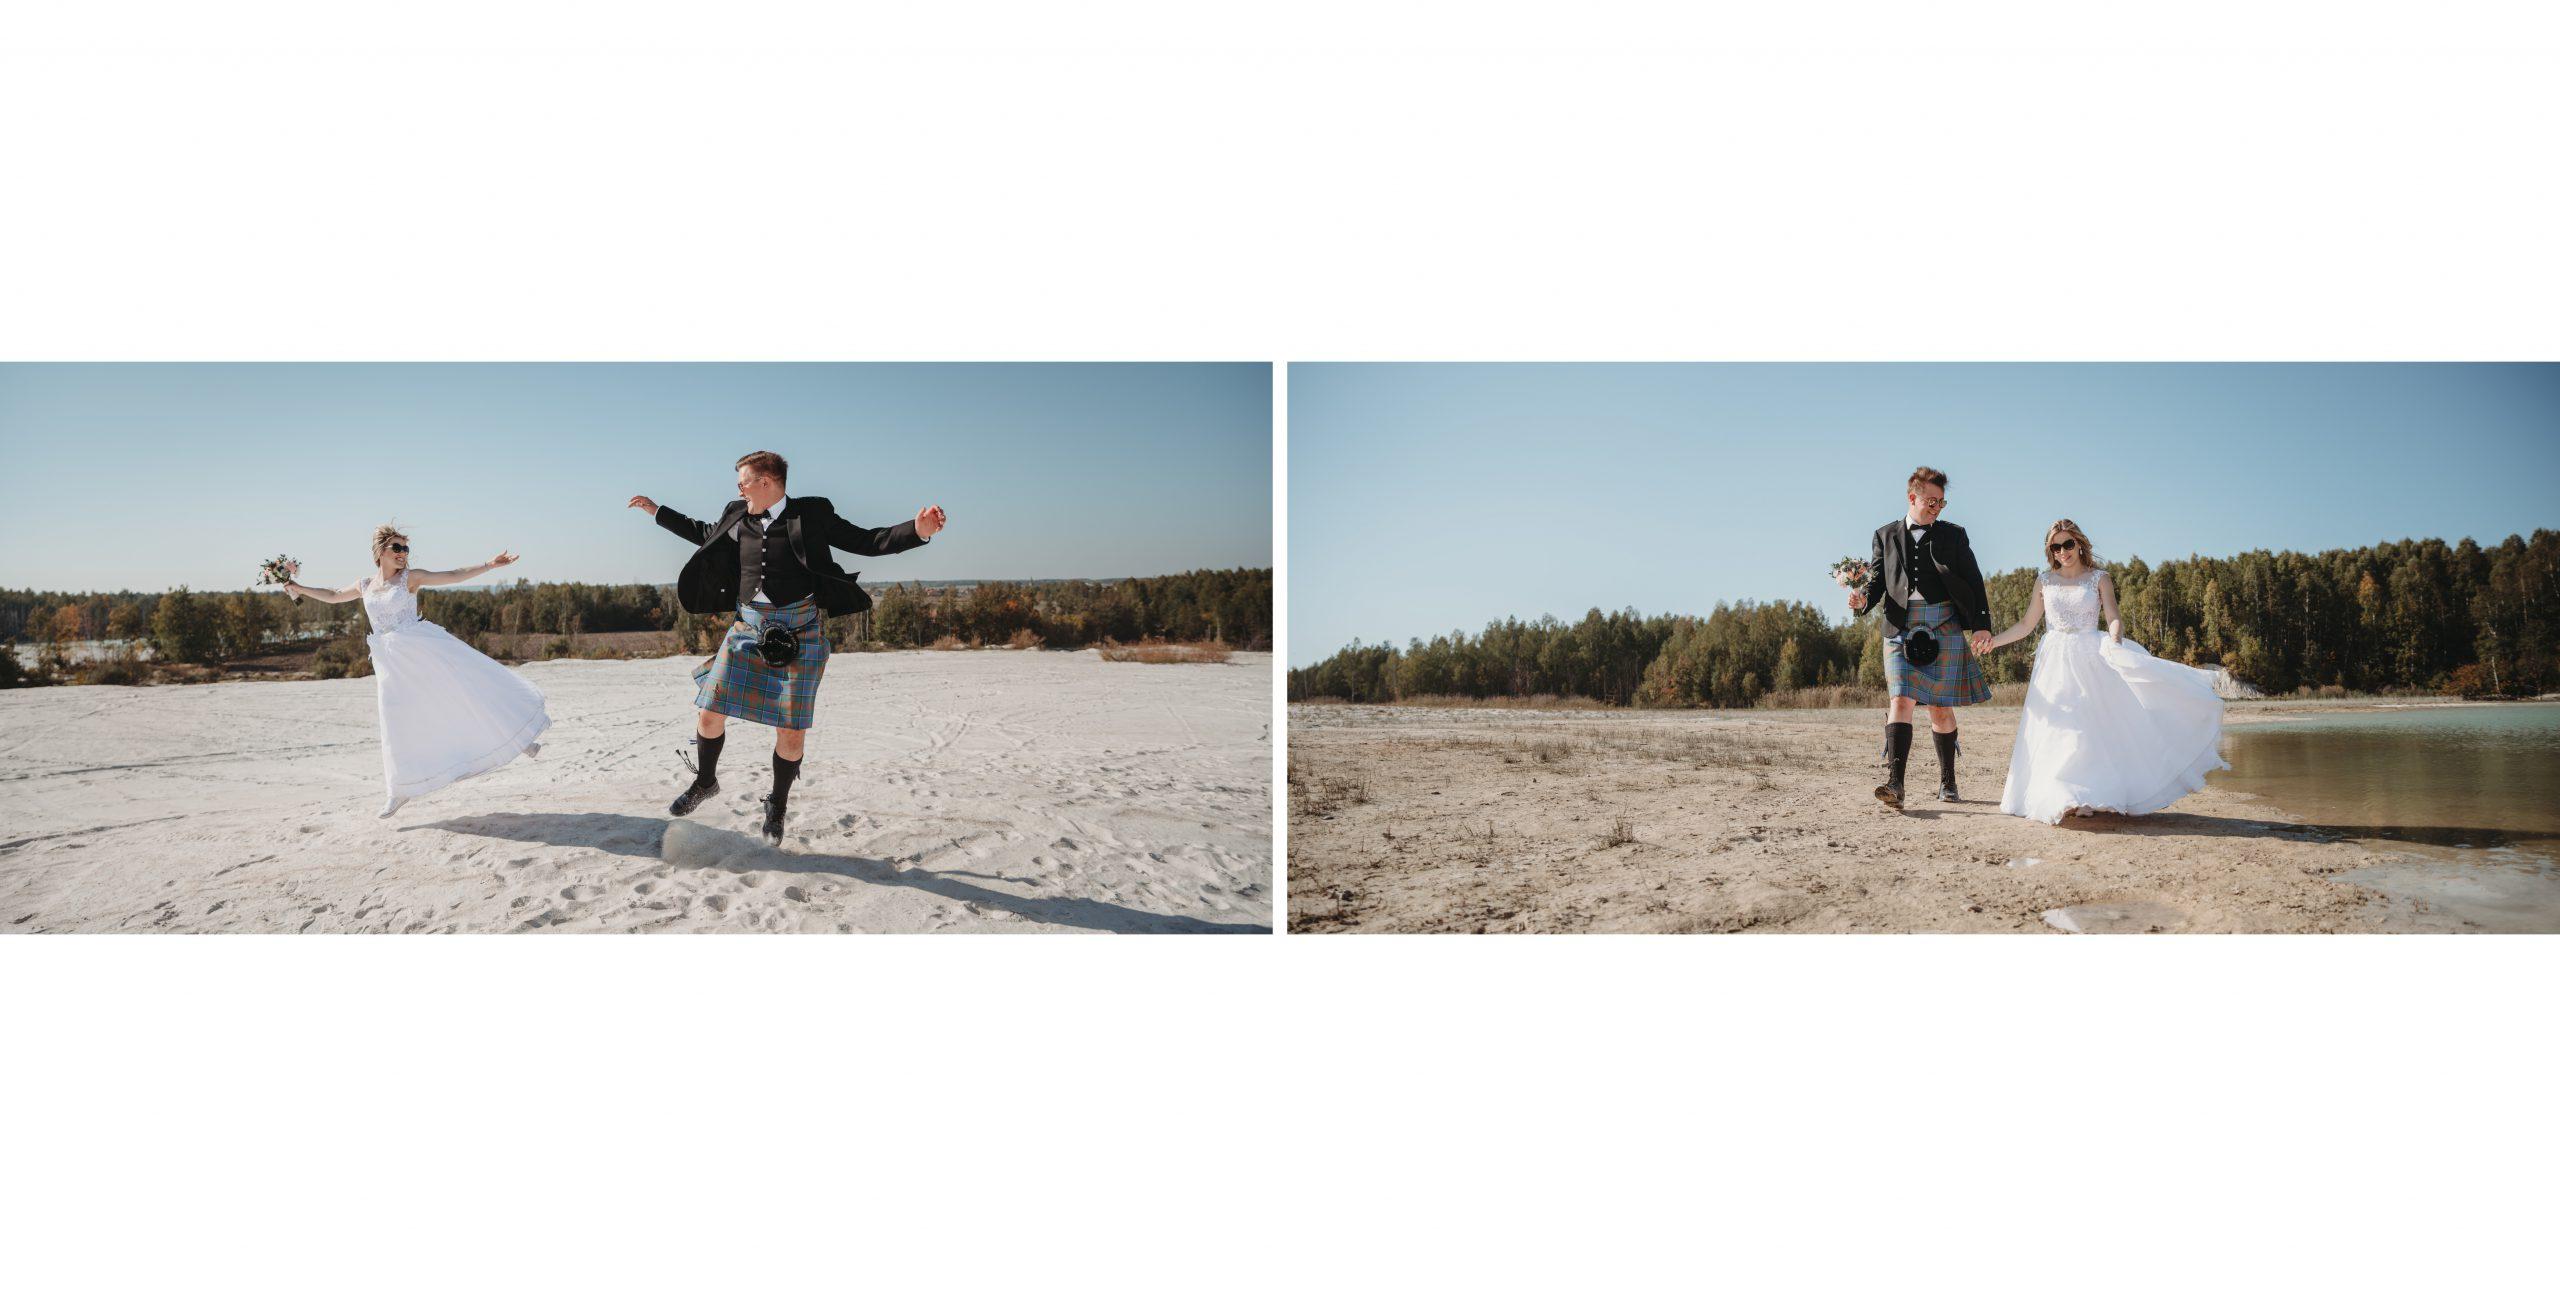 fotoalbum 1 (30)